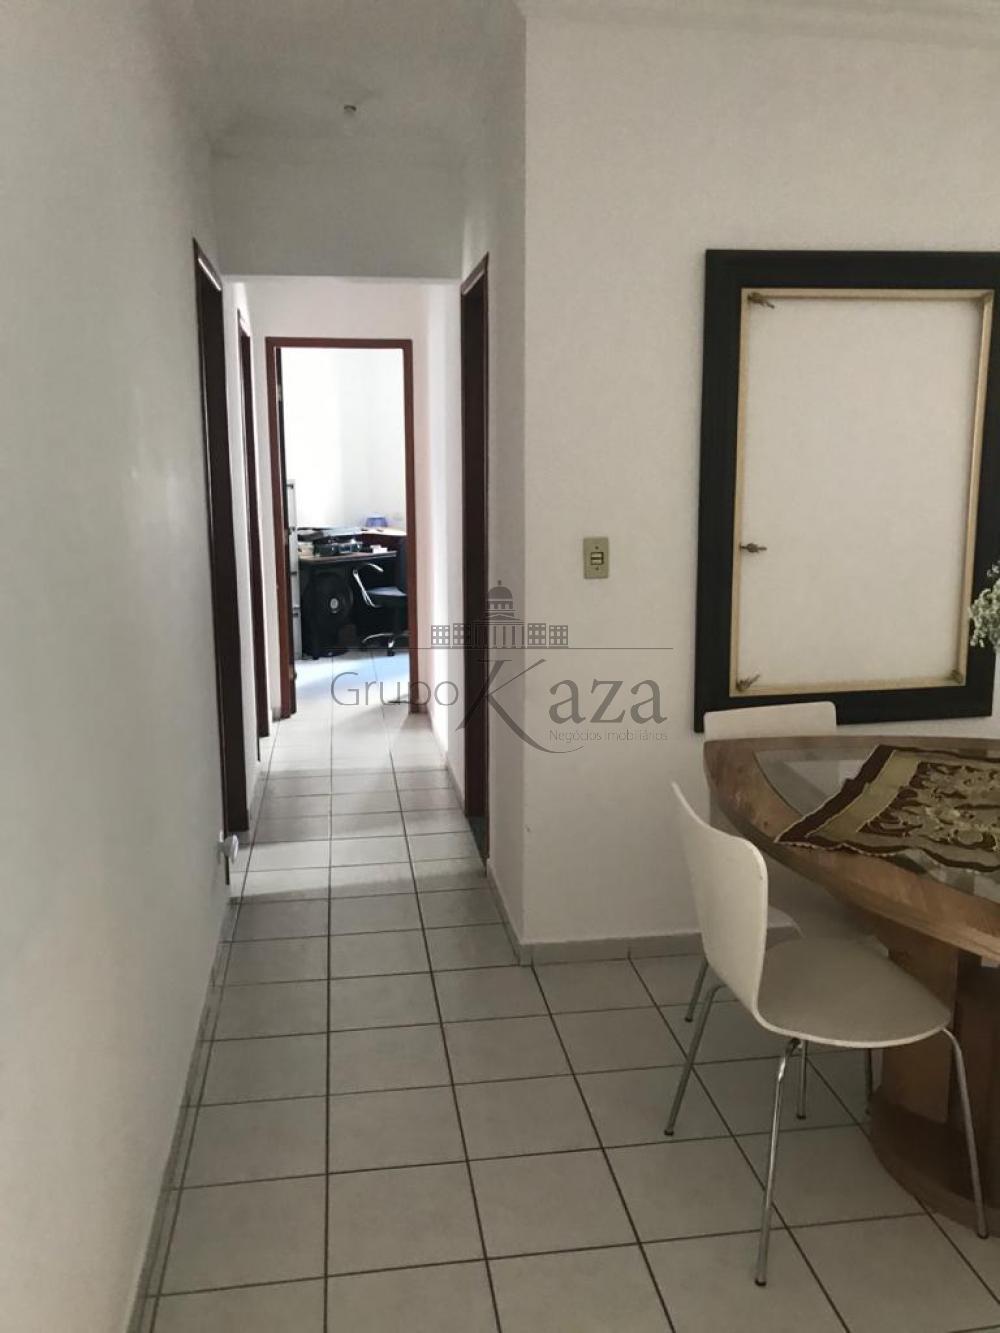 alt='Comprar Apartamento / Padrão em São José dos Campos R$ 595.000,00 - Foto 3' title='Comprar Apartamento / Padrão em São José dos Campos R$ 595.000,00 - Foto 3'